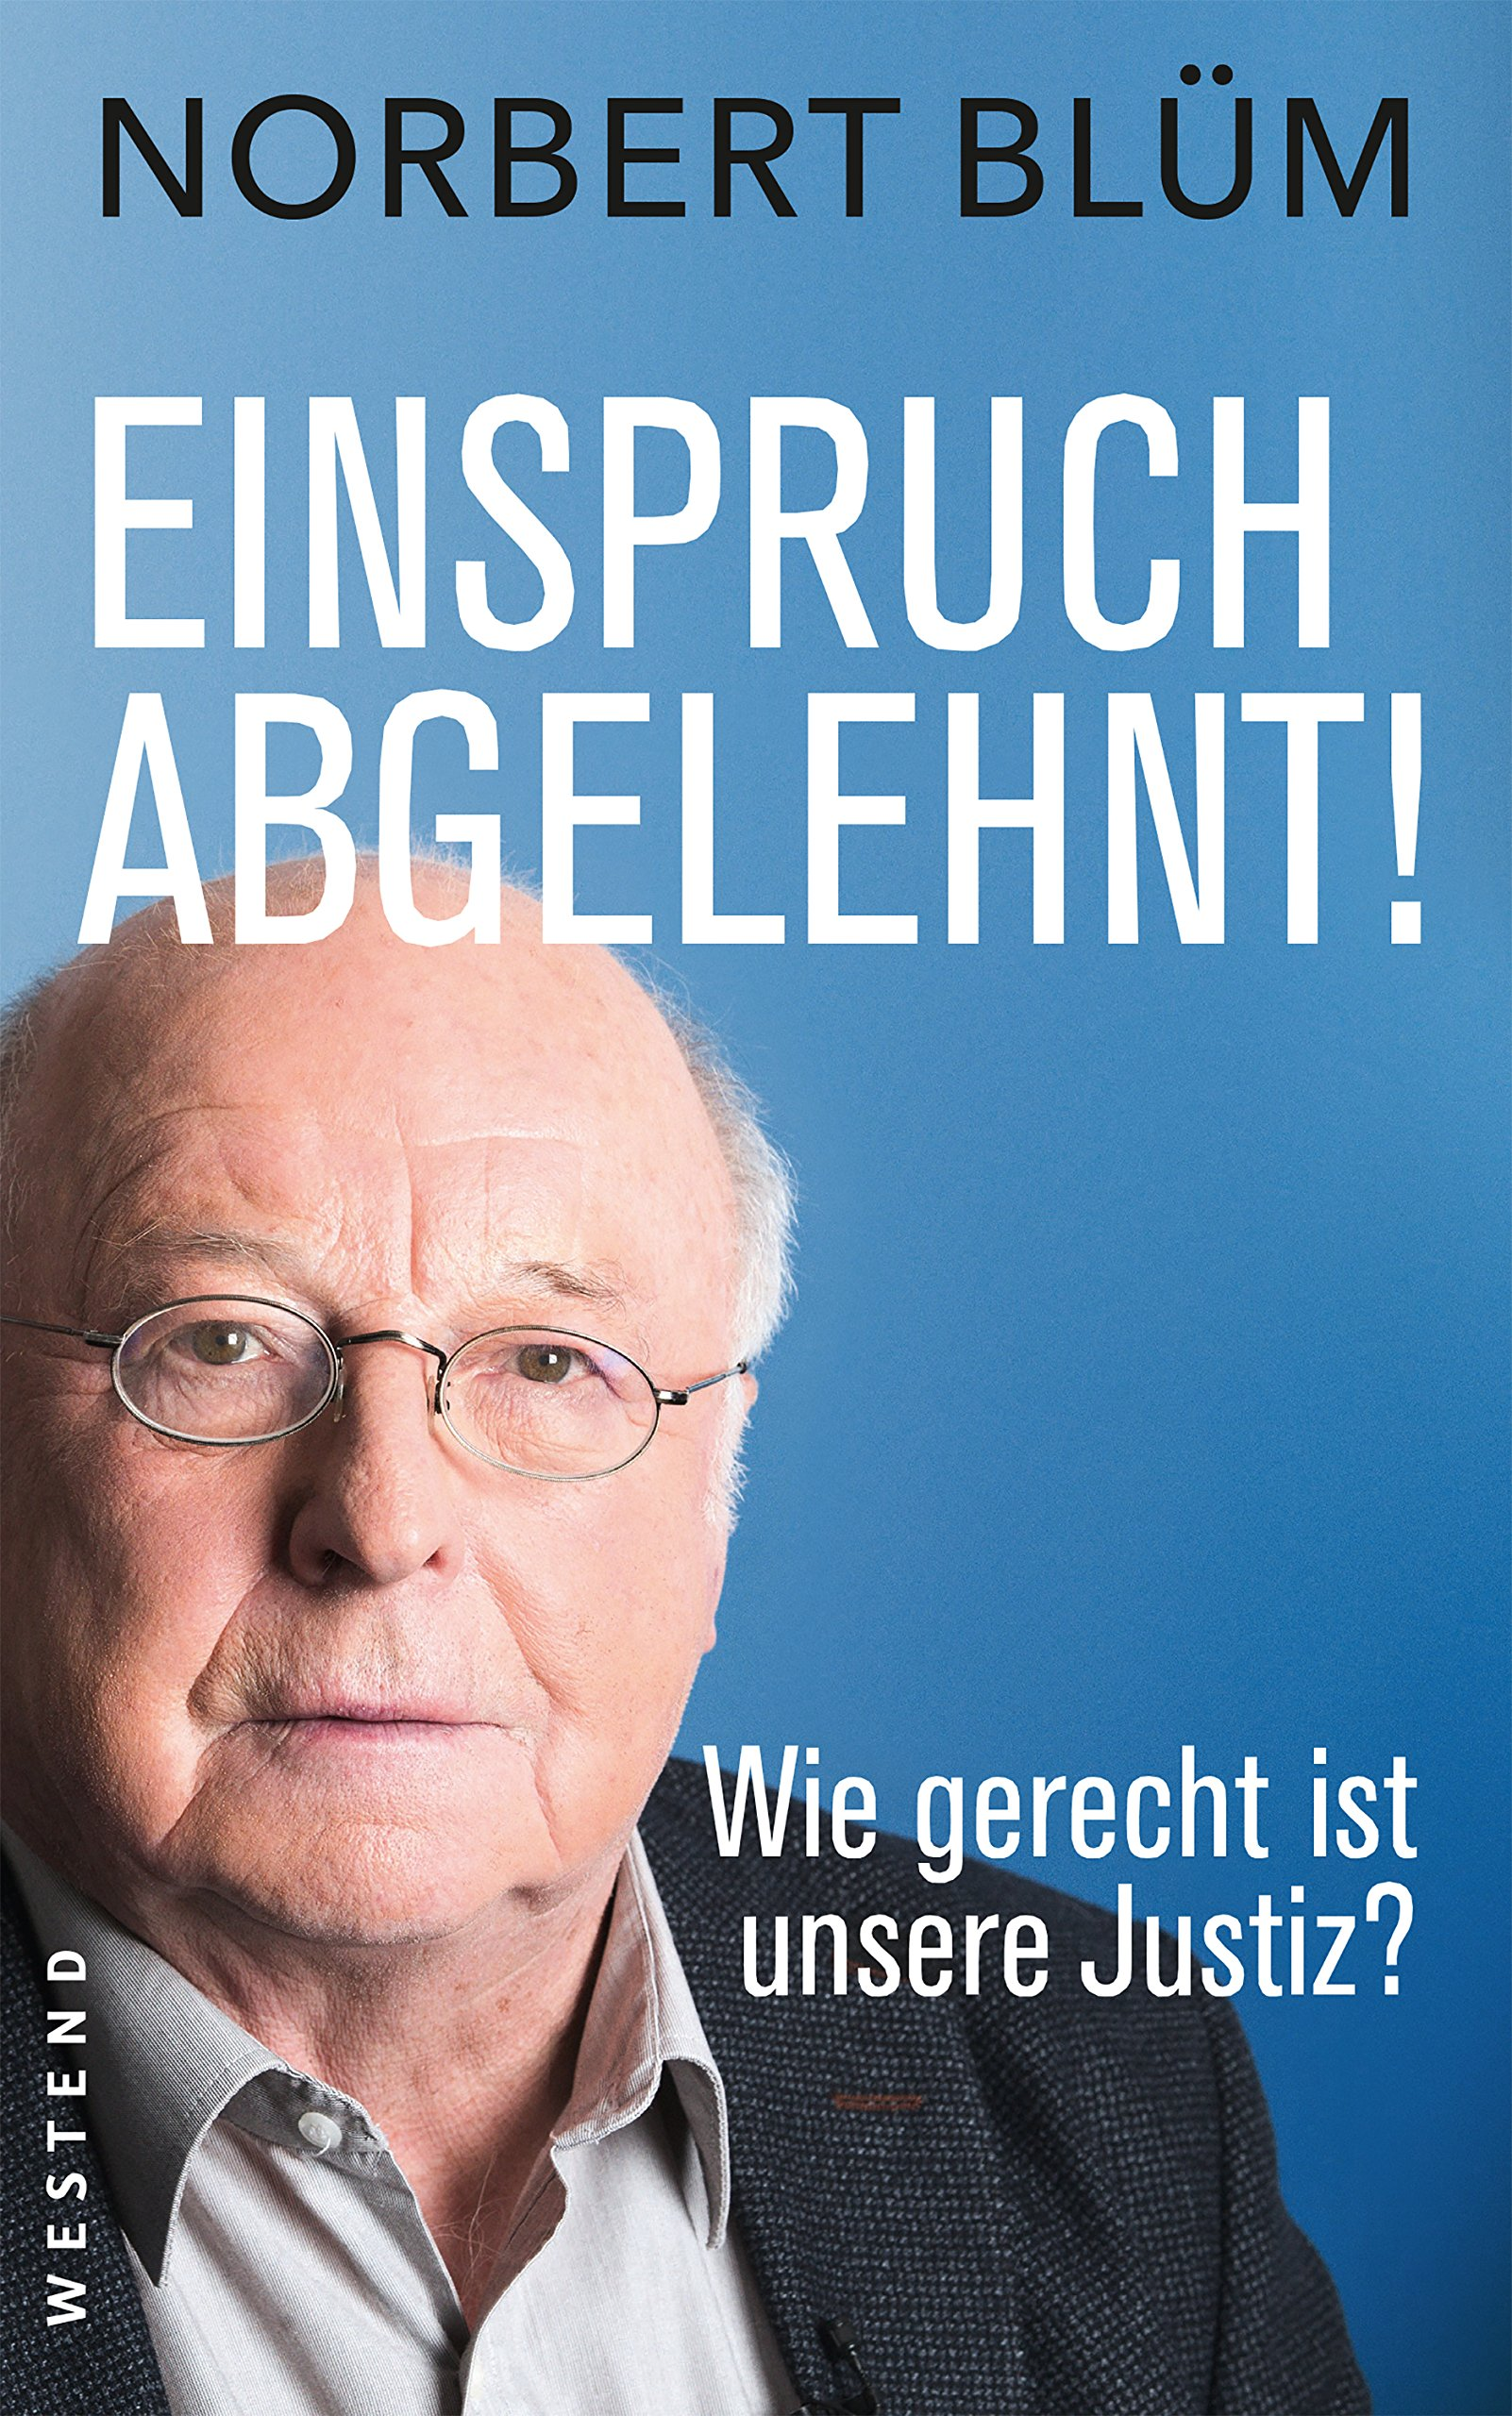 Einspruch abgelehnt!: Wie gerecht ist unsere Justiz?: Amazon.de ...